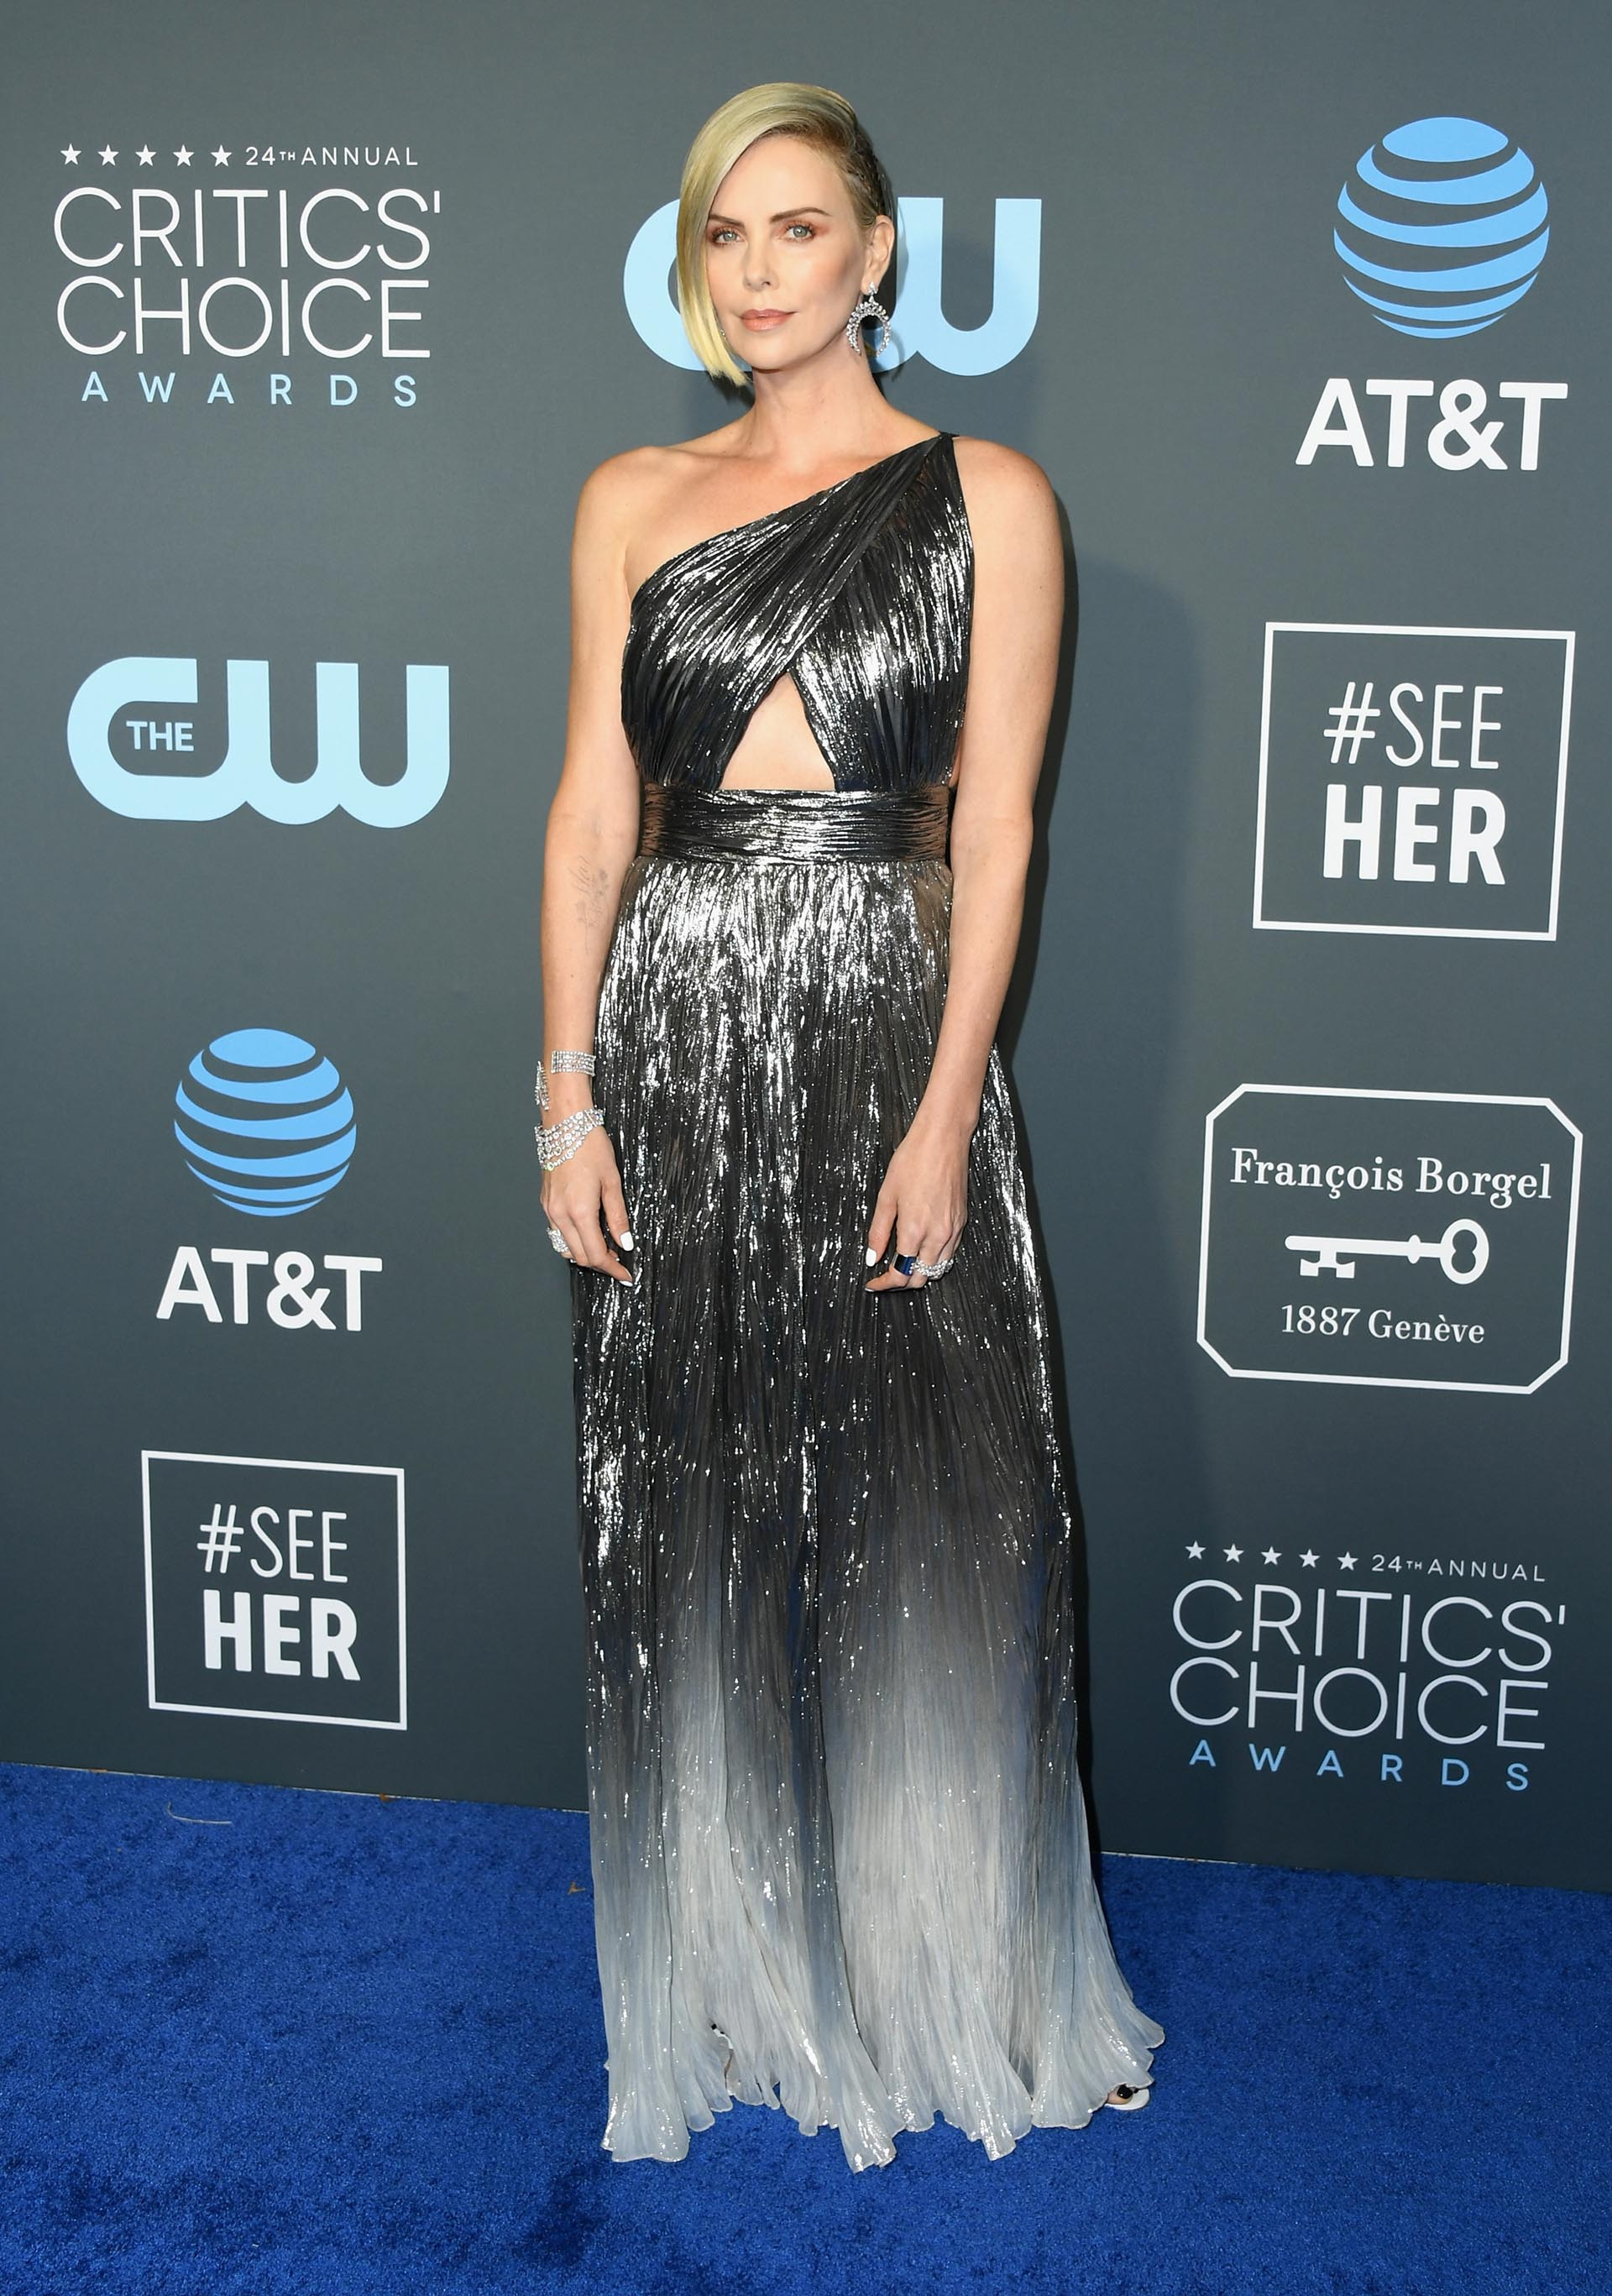 Charlize Theron vestida por Givenchy en degradés de metalizados. Drapeado, de corte asimétrico y un solo hombro, la actriz completó el look con esclavas y anillos de brillantes